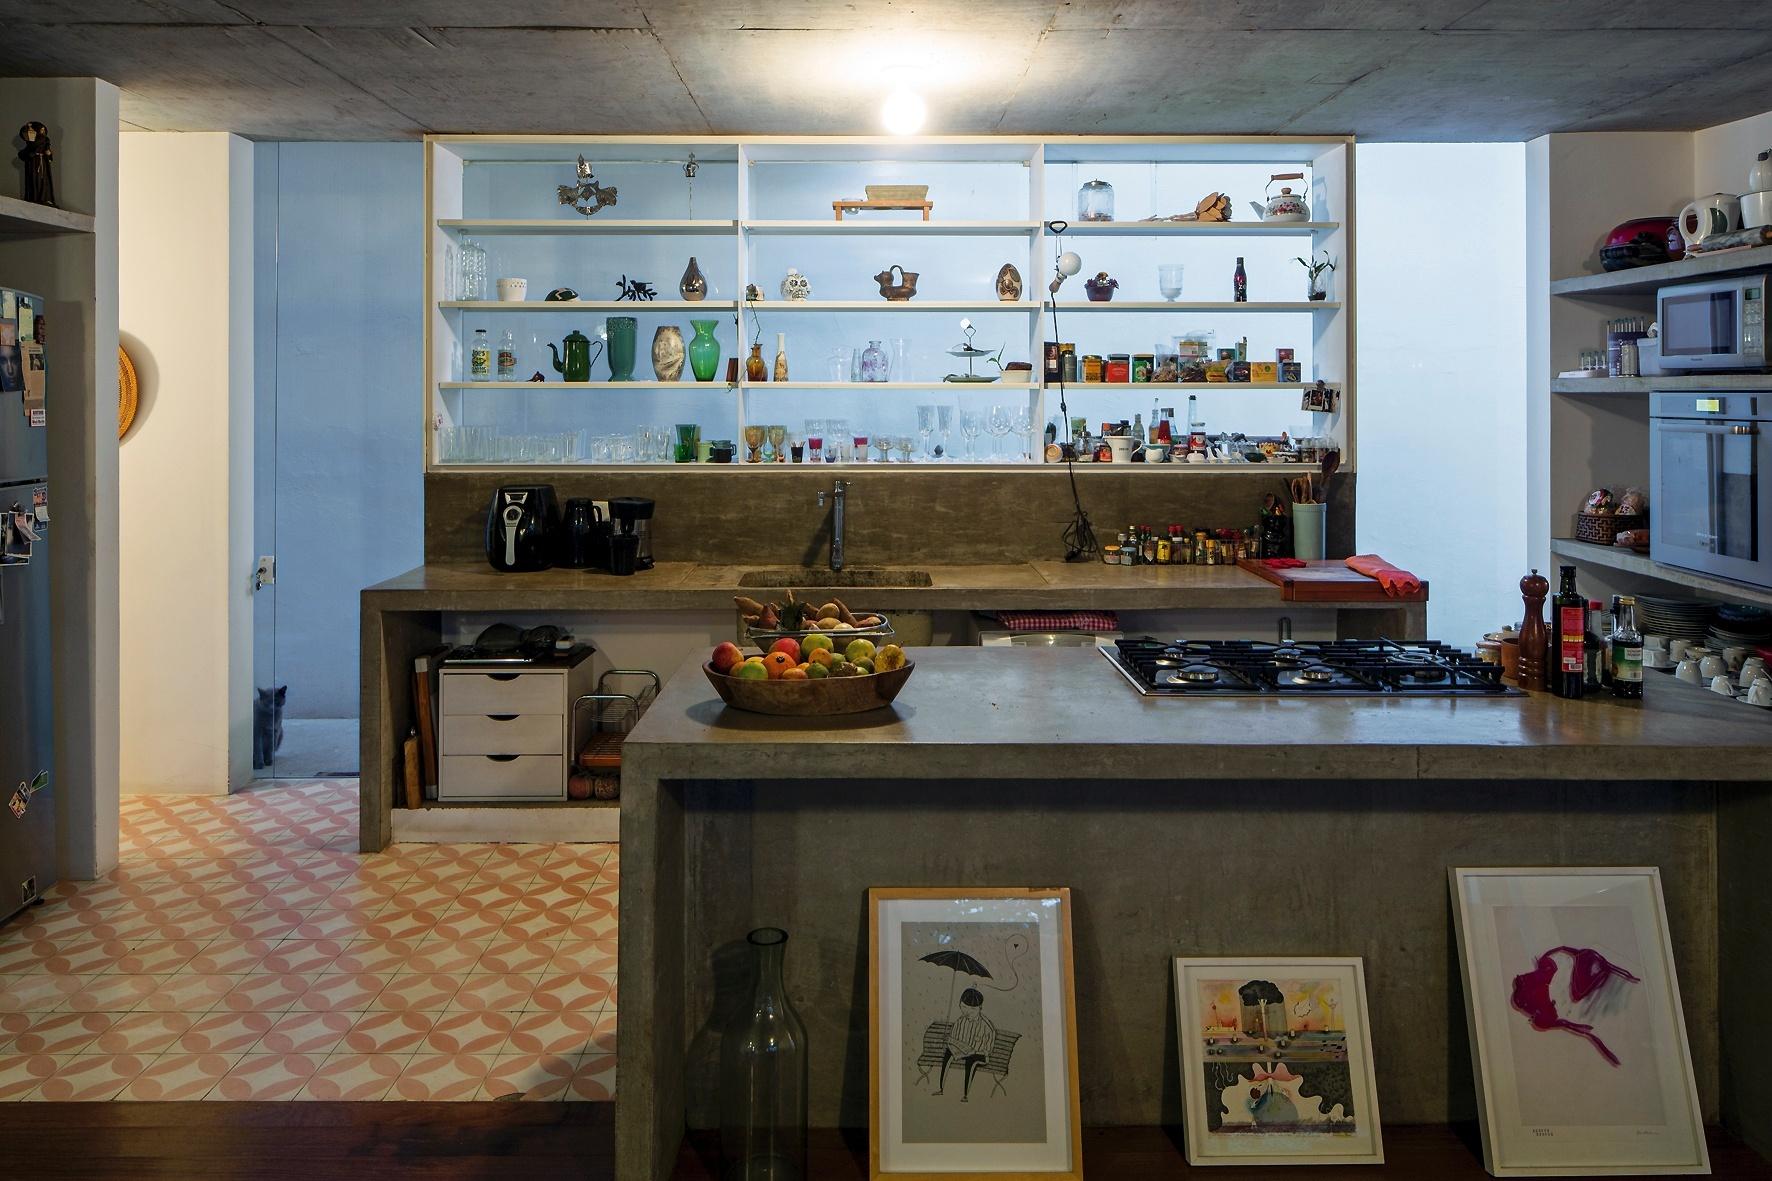 A cozinha da casa LP, projetada pelo escritório Metro Arquitetos, conta com bancada, prateleiras e ilha de cocção em concreto. Integrado com o living, o ambiente tem piso de ladrilhos hidráulicos e uma estante metálica disposta à frente do fechamento de vidro, que funciona como janela